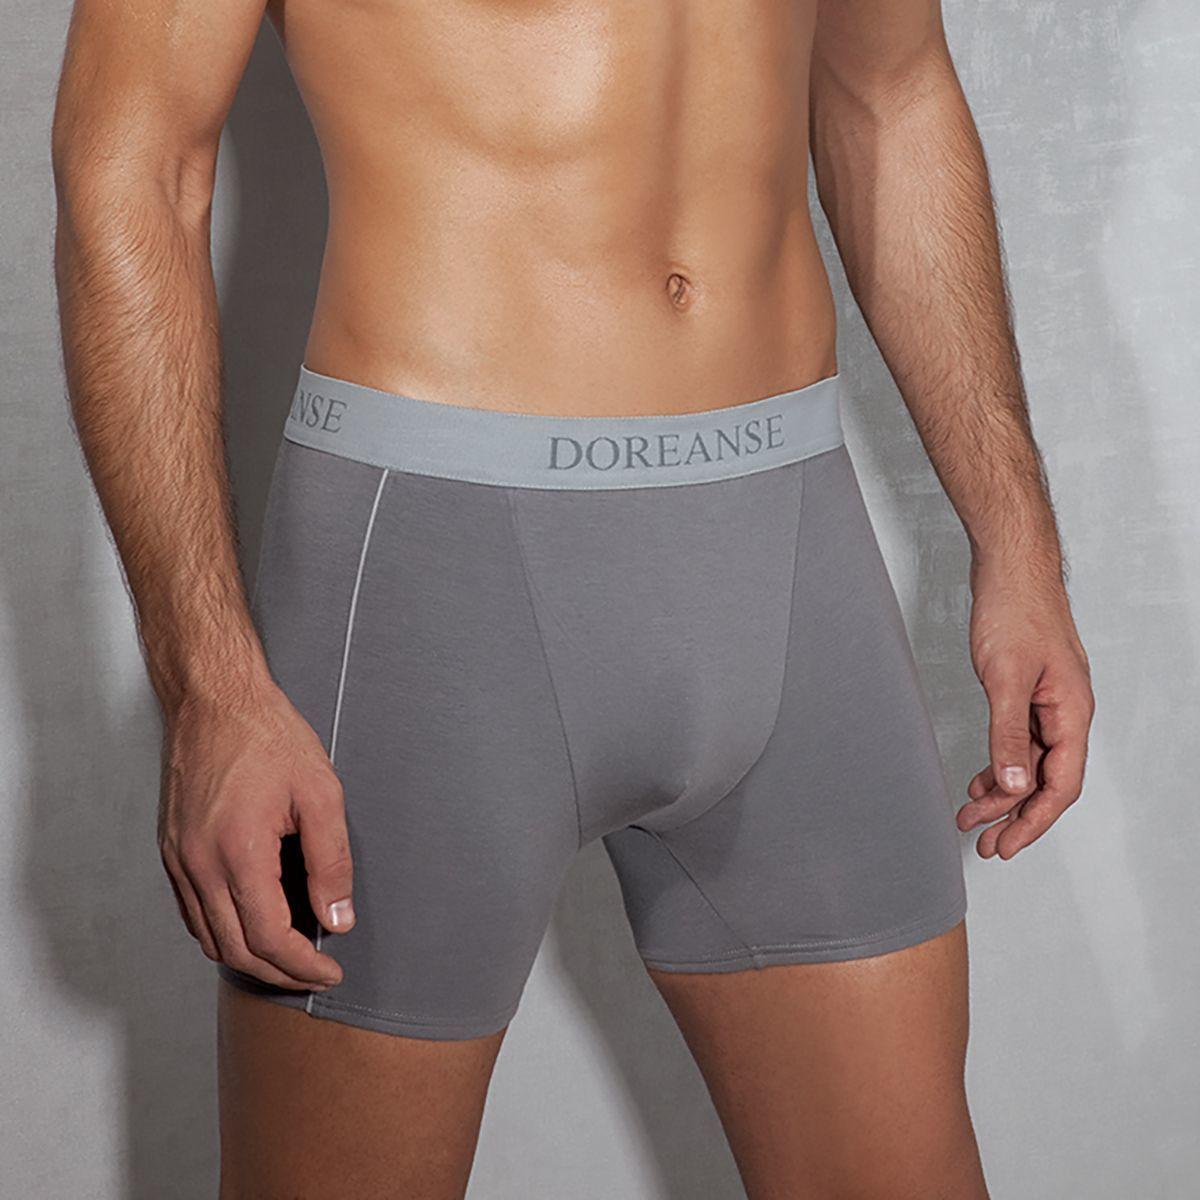 Мужское белье: Боксеры средней длины из хлопково-модальной ткани